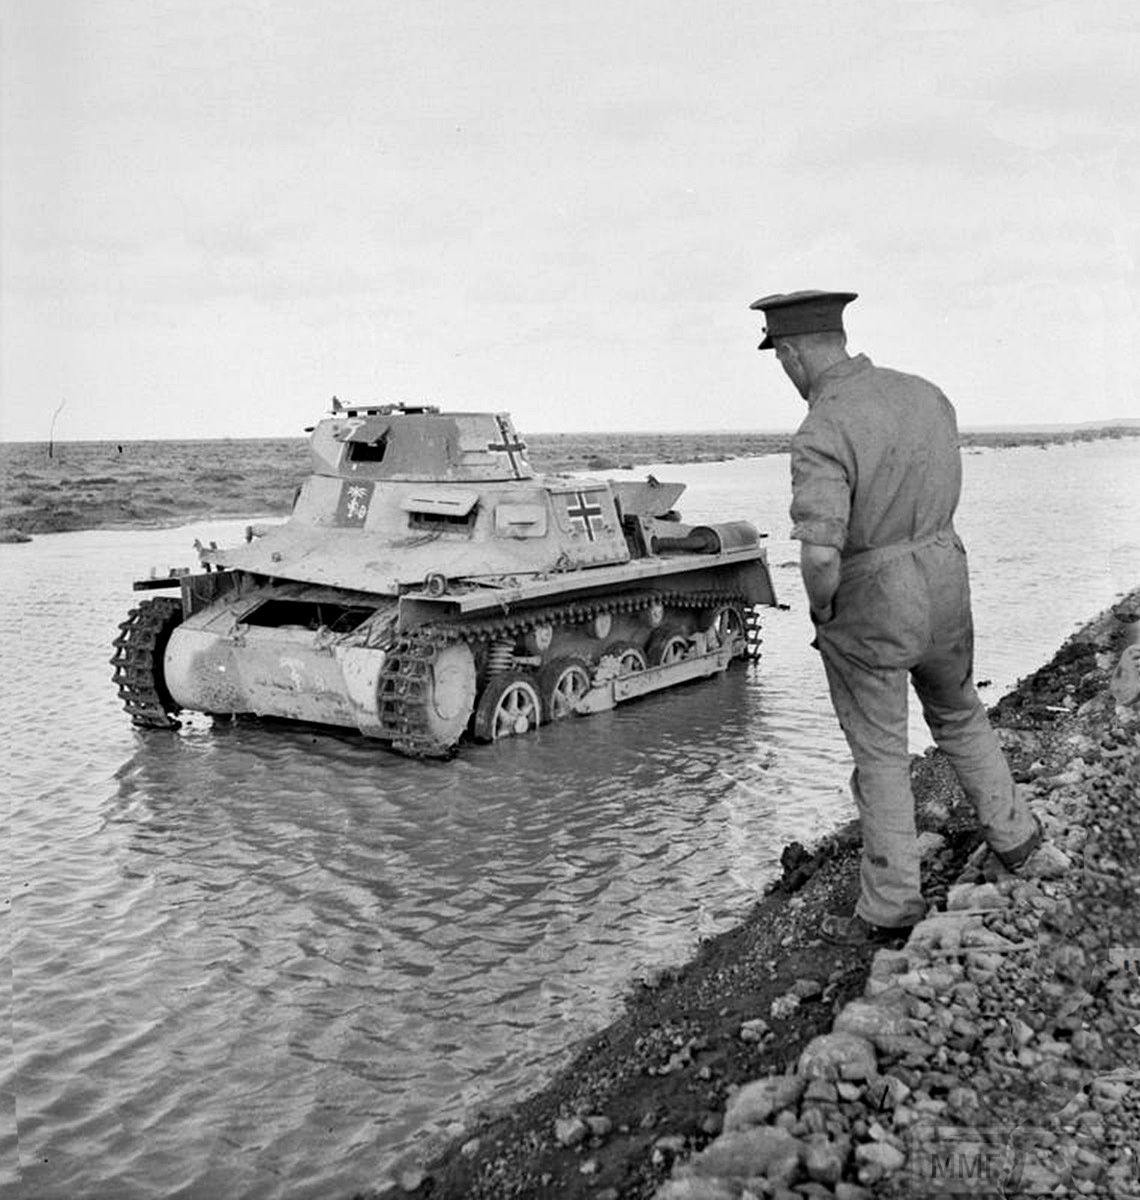 90895 - Военное фото 1939-1945 г.г. Западный фронт и Африка.